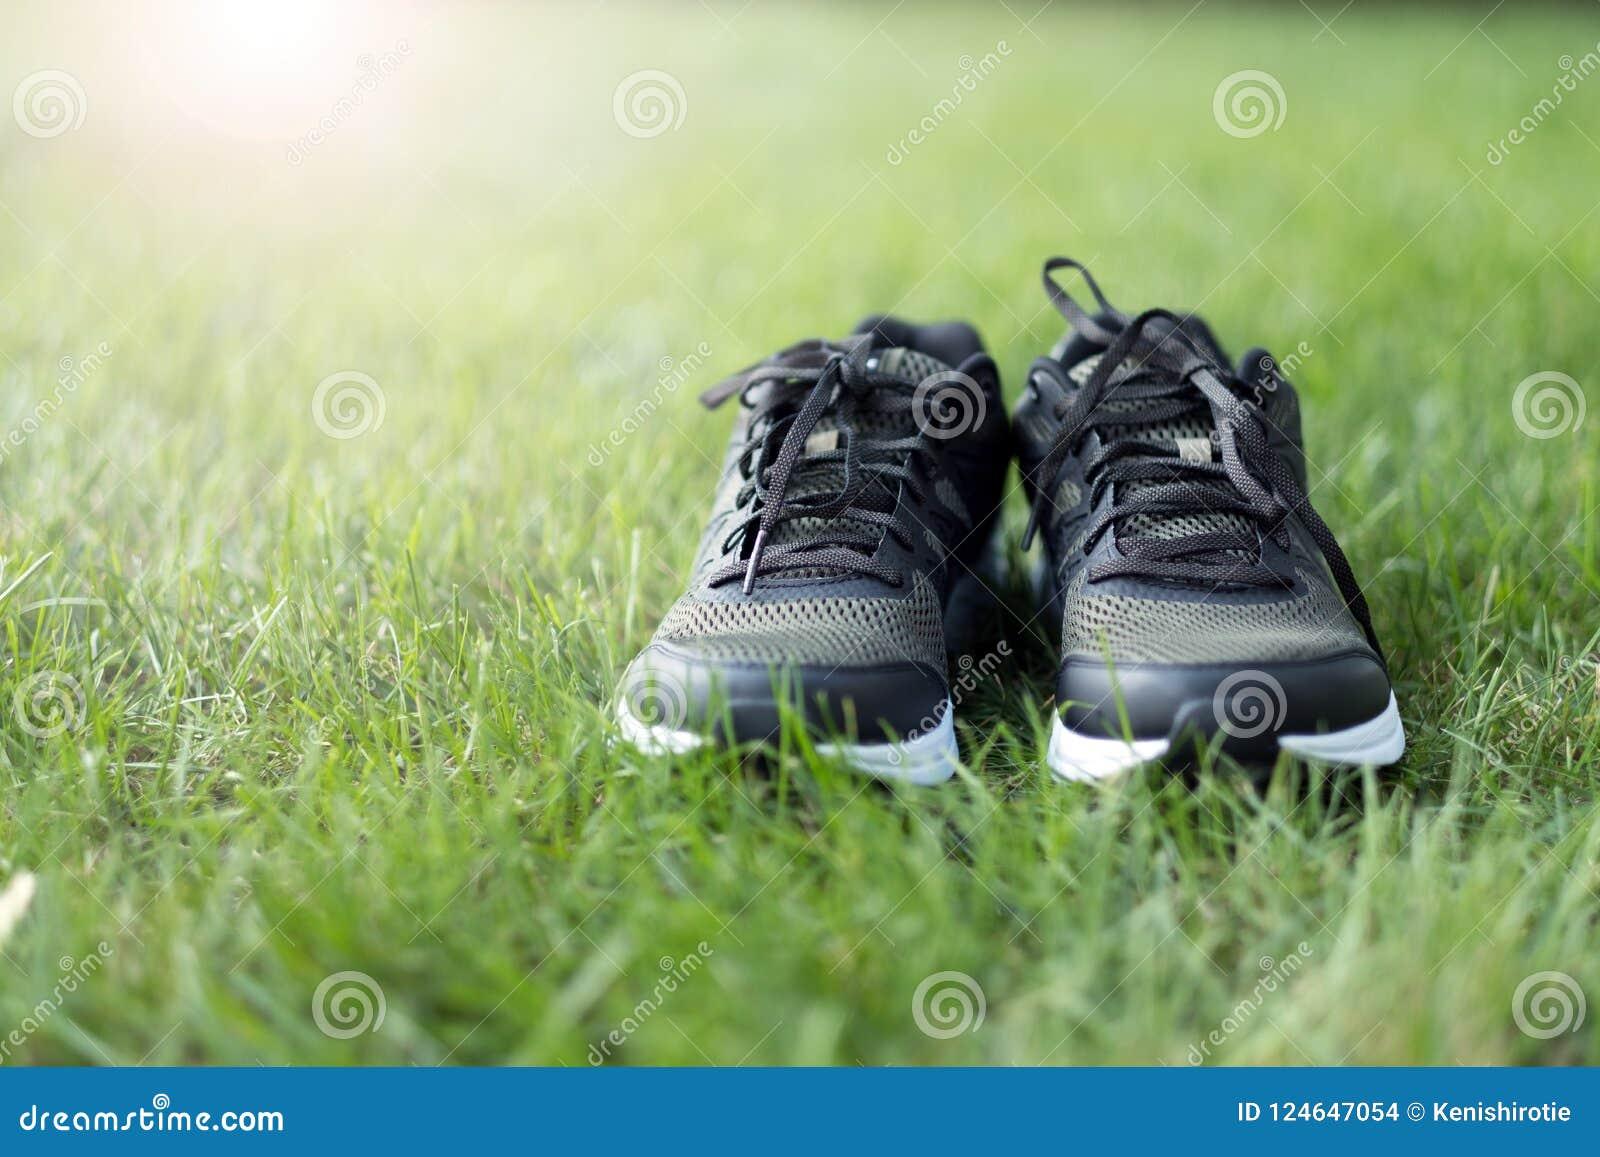 Hombre Foto De Zapatos Divierten Campo Verde Pares Se Los En oBCdxe